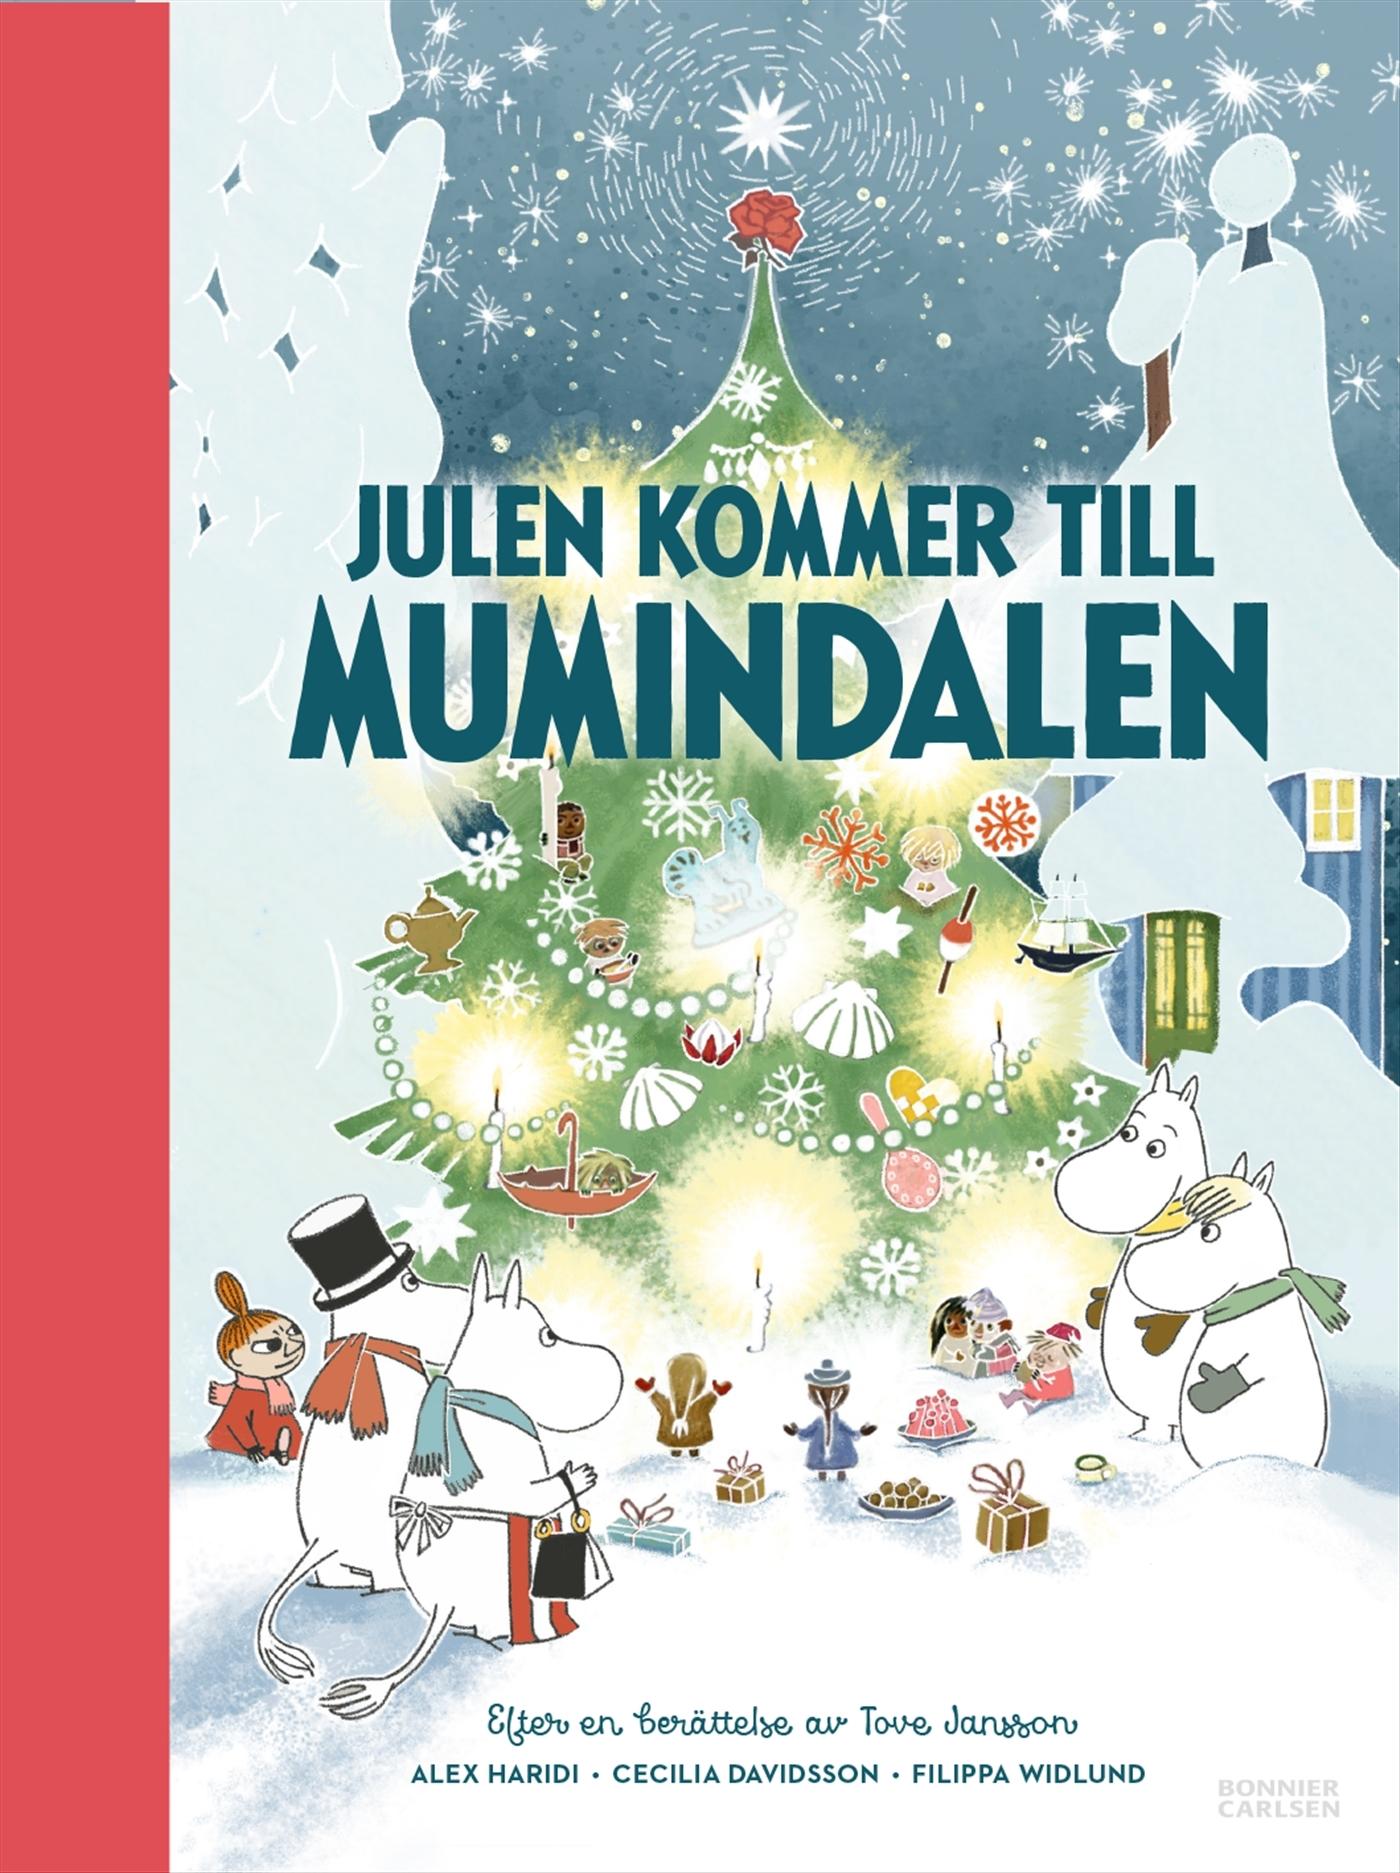 Bildresultat för julen kommer till mumindalen